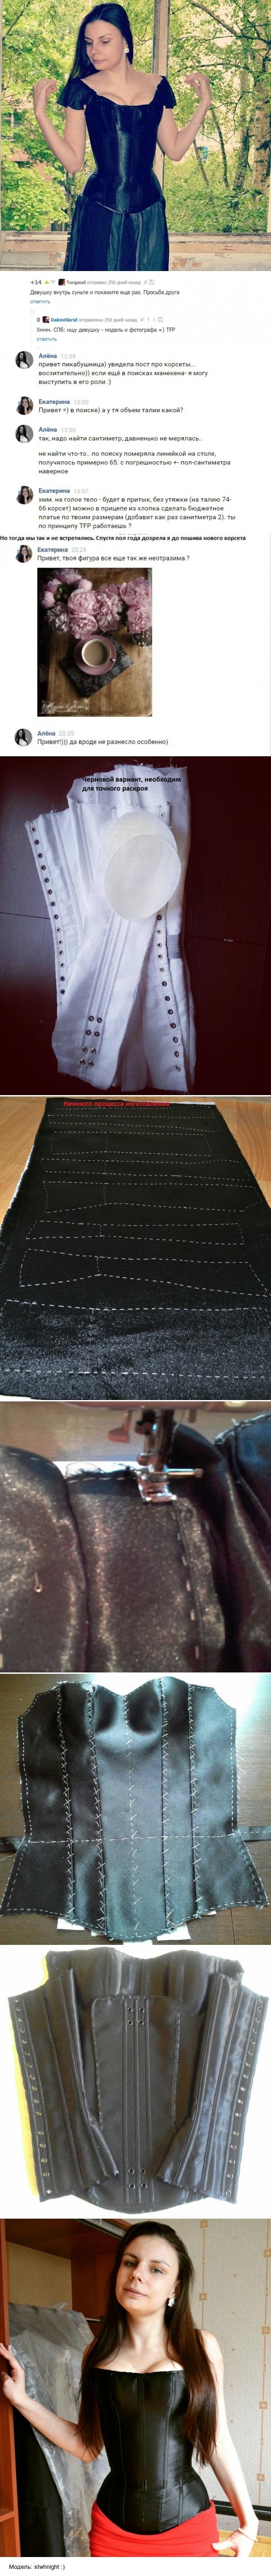 Корсет для пикабушницы =) корсет, шитье, длиннопост, рукоделие